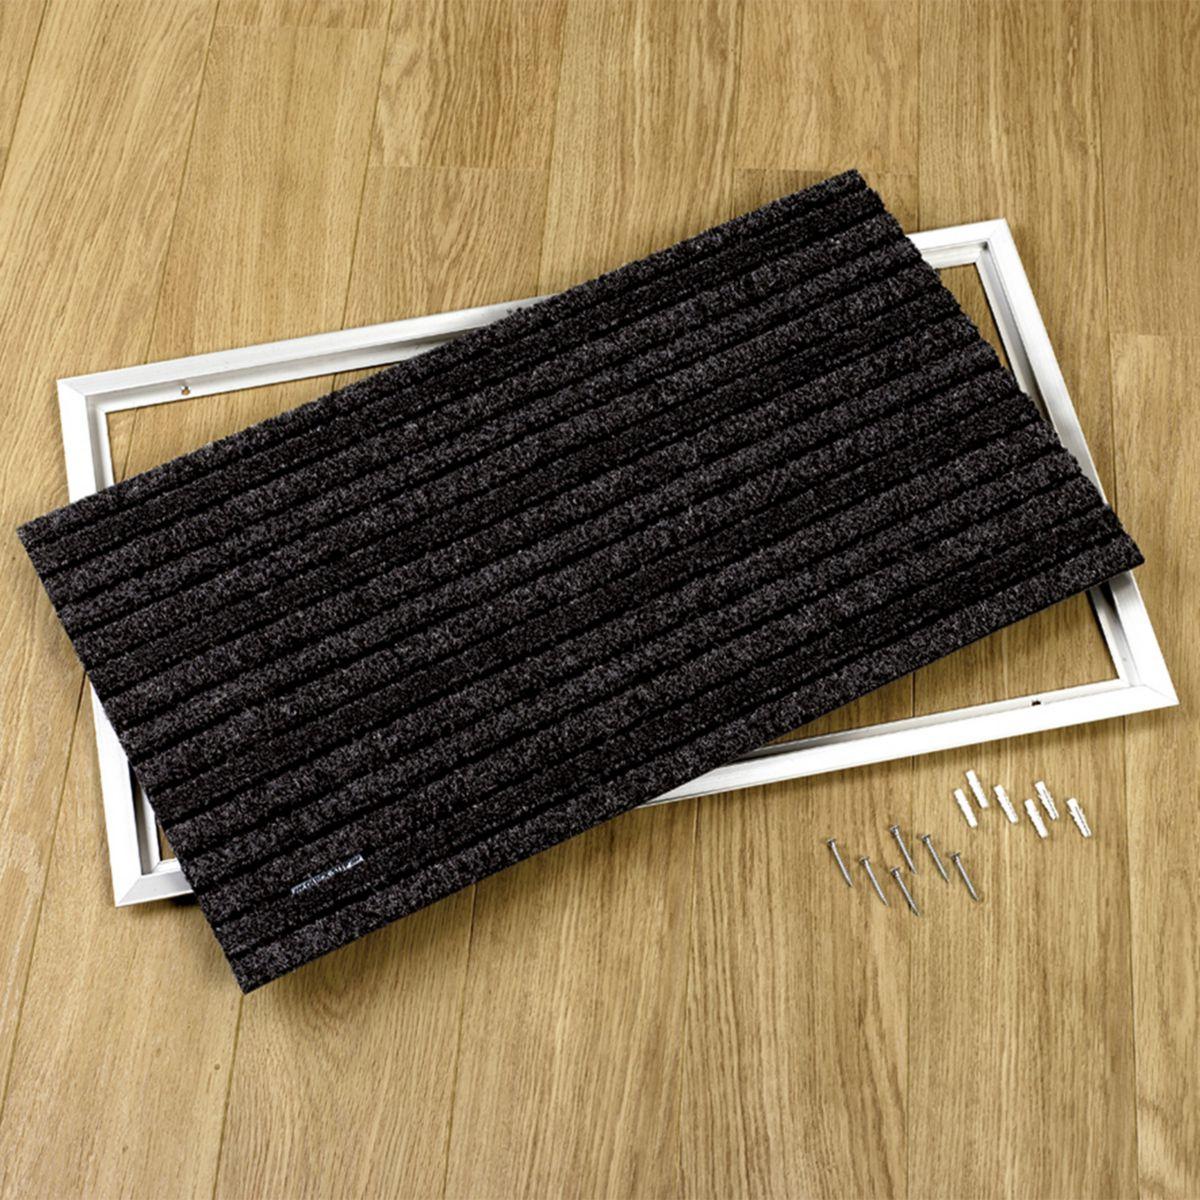 Lovely tapis de sol encastrable 8 good tapis for Tapis encastrable dans carrelage